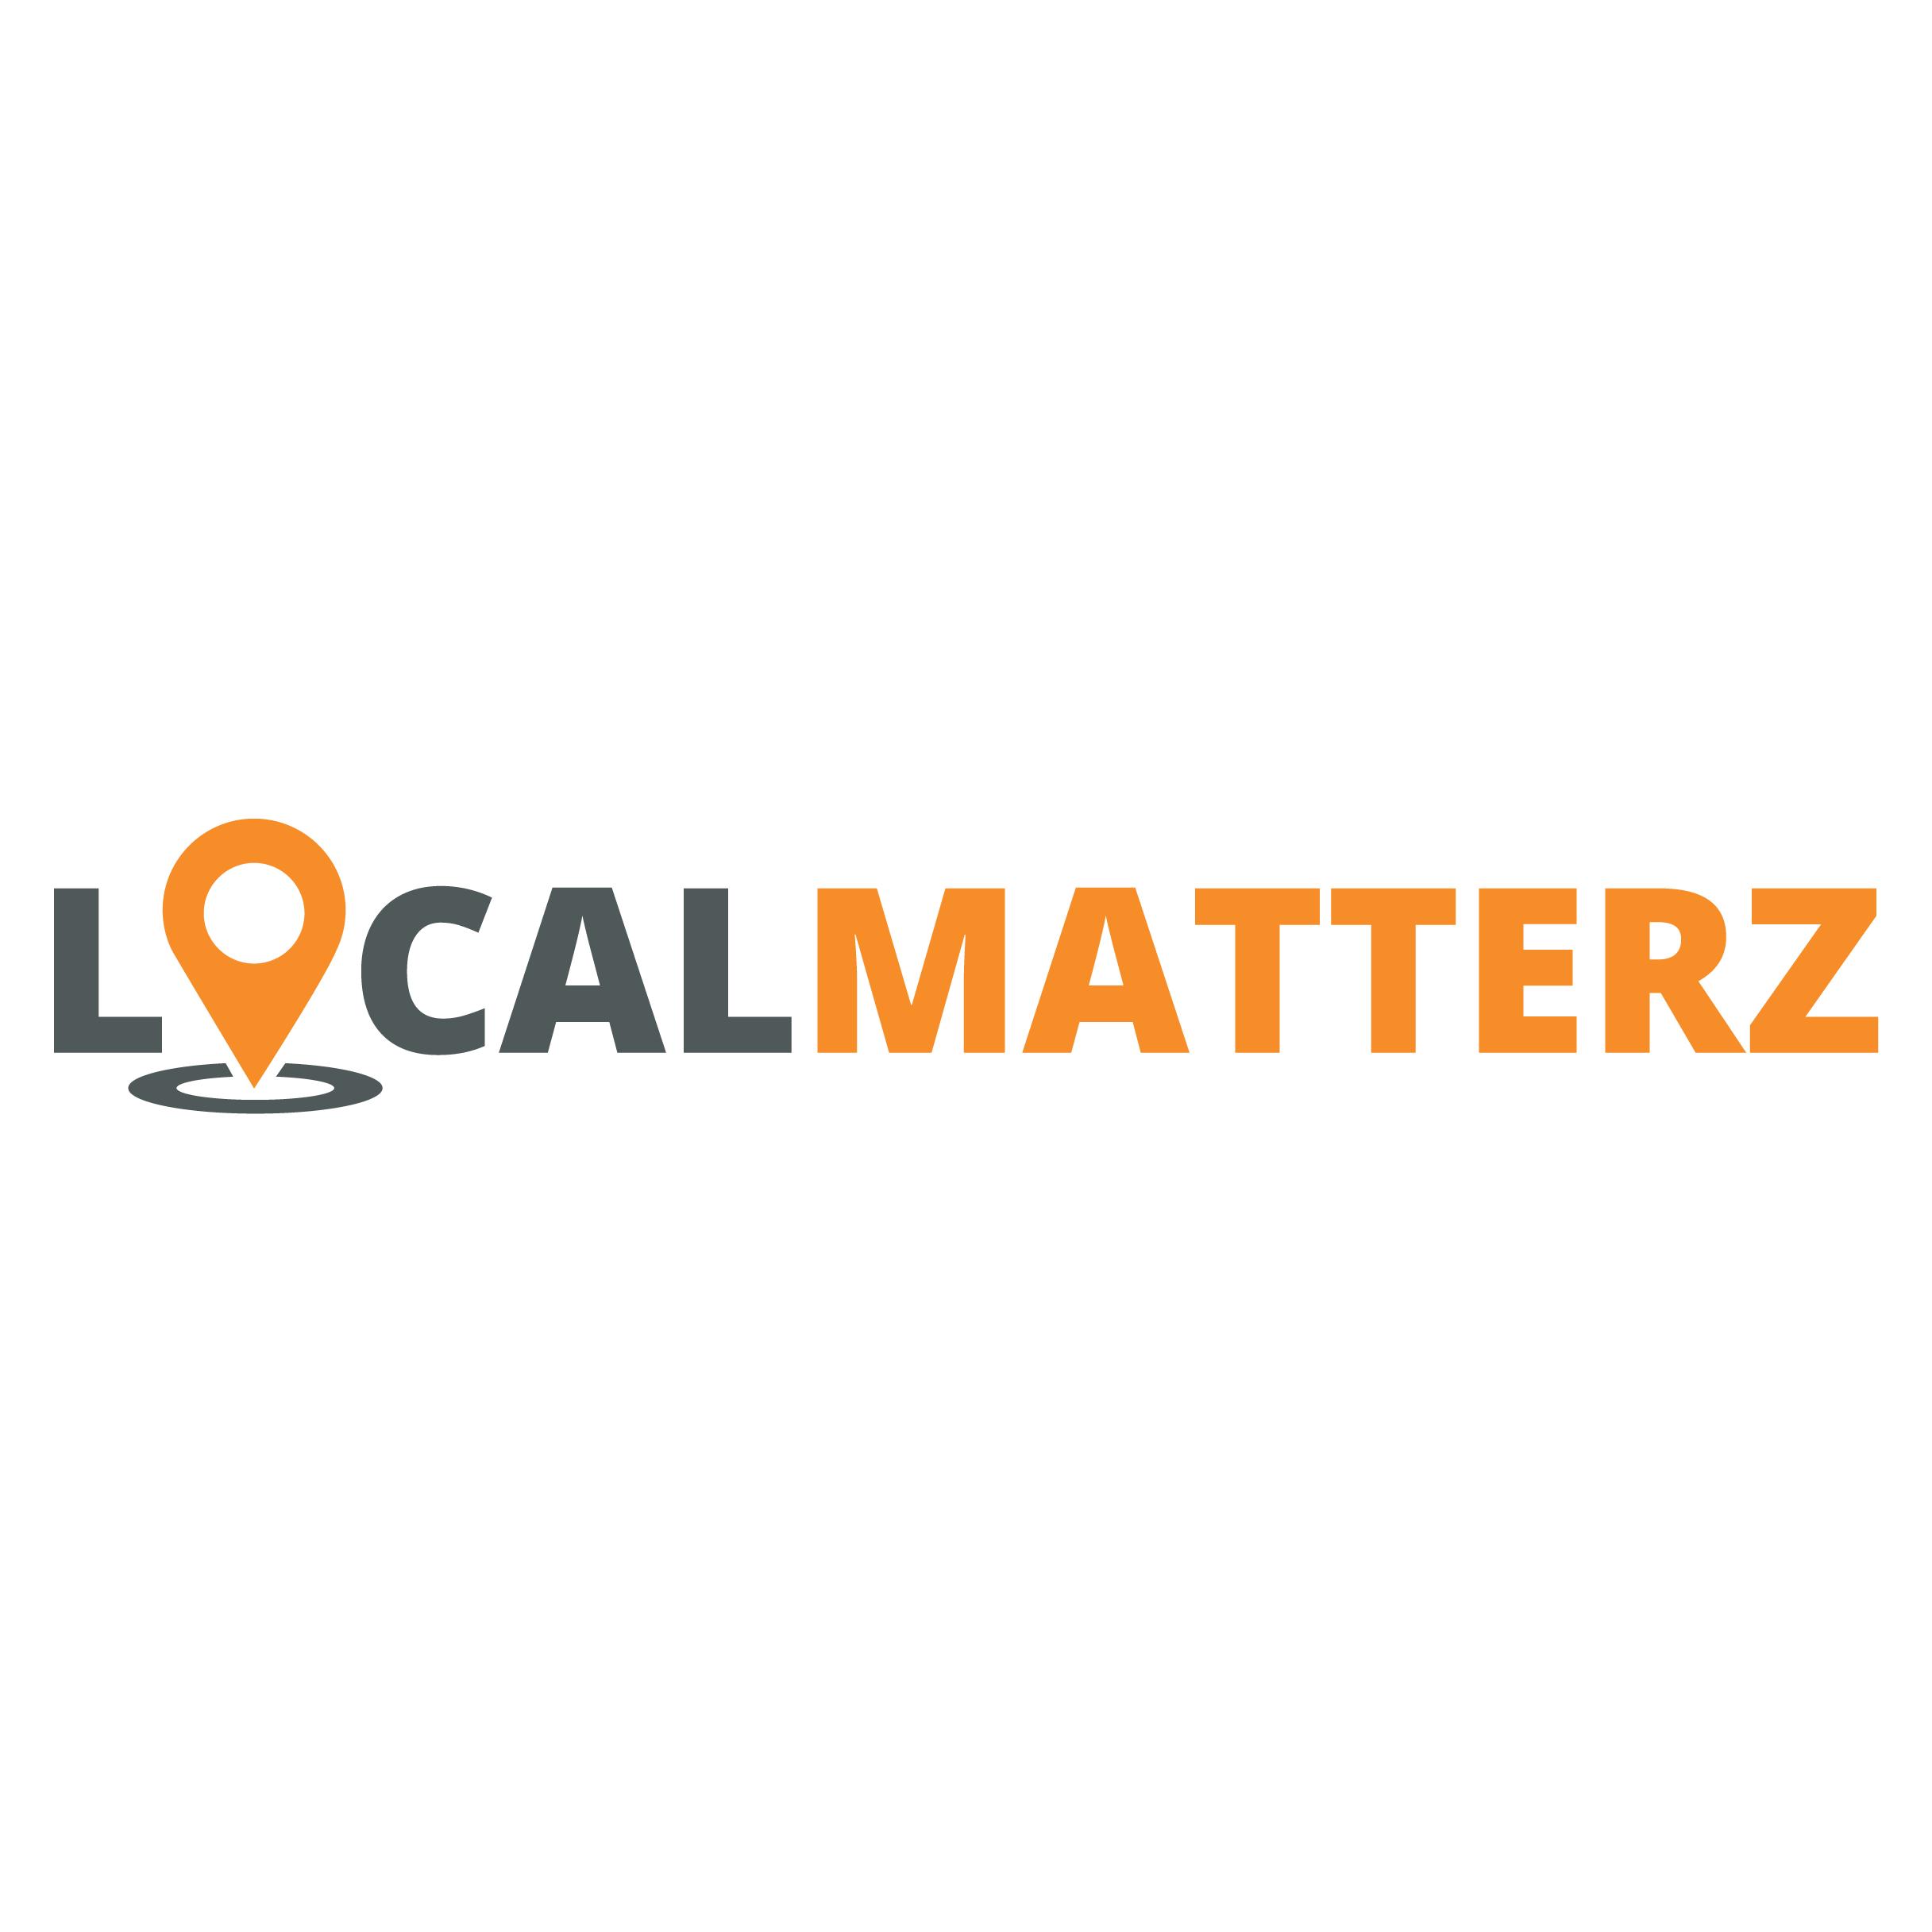 LocalMatterz,  LLC